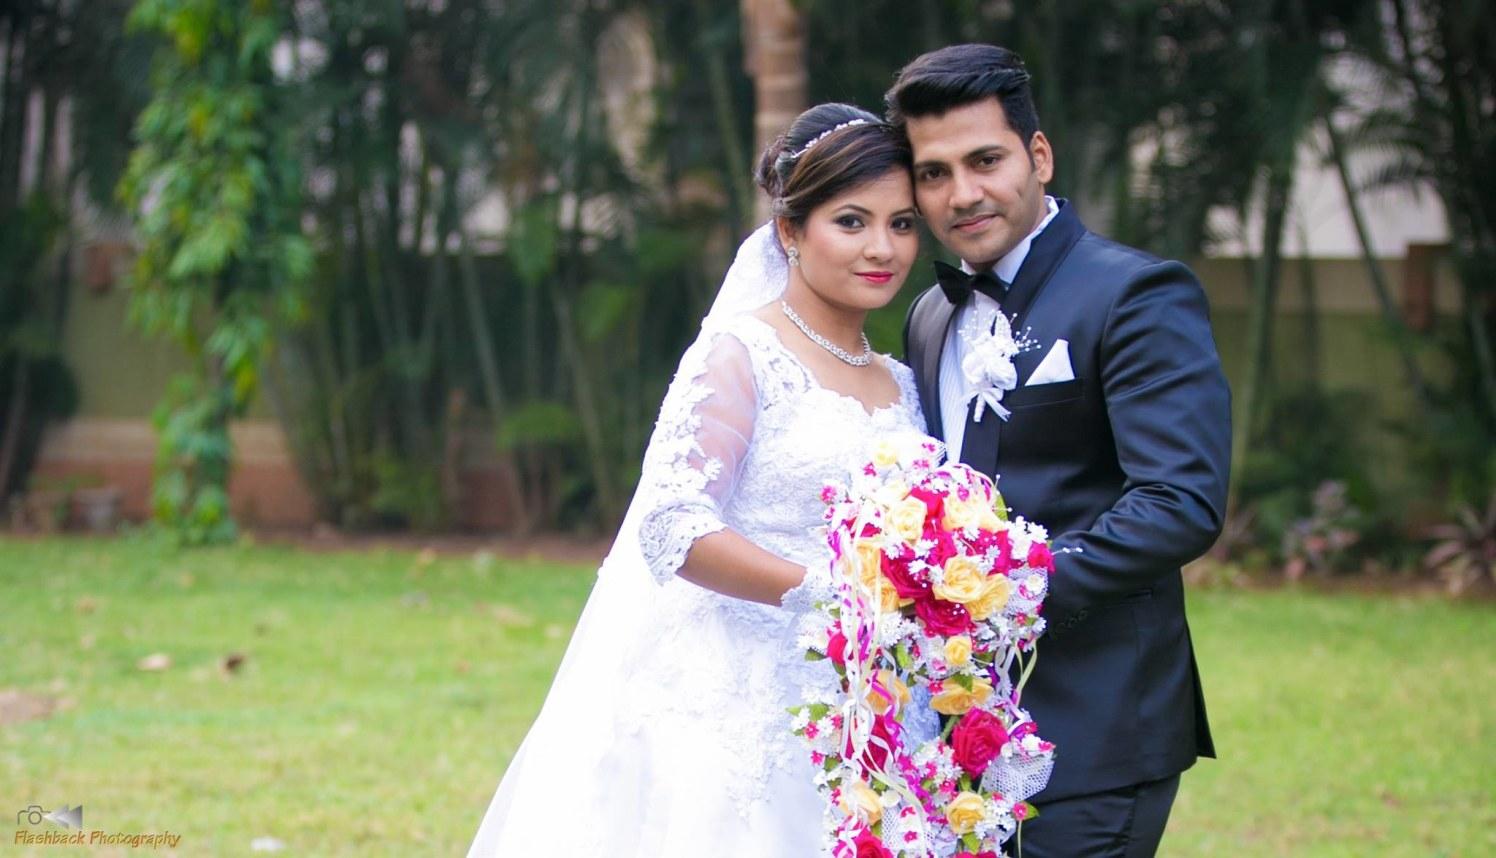 Bride and Groom Wearing Elegant Wedding Day Attire by Lloyd Bangera Wedding-photography | Weddings Photos & Ideas